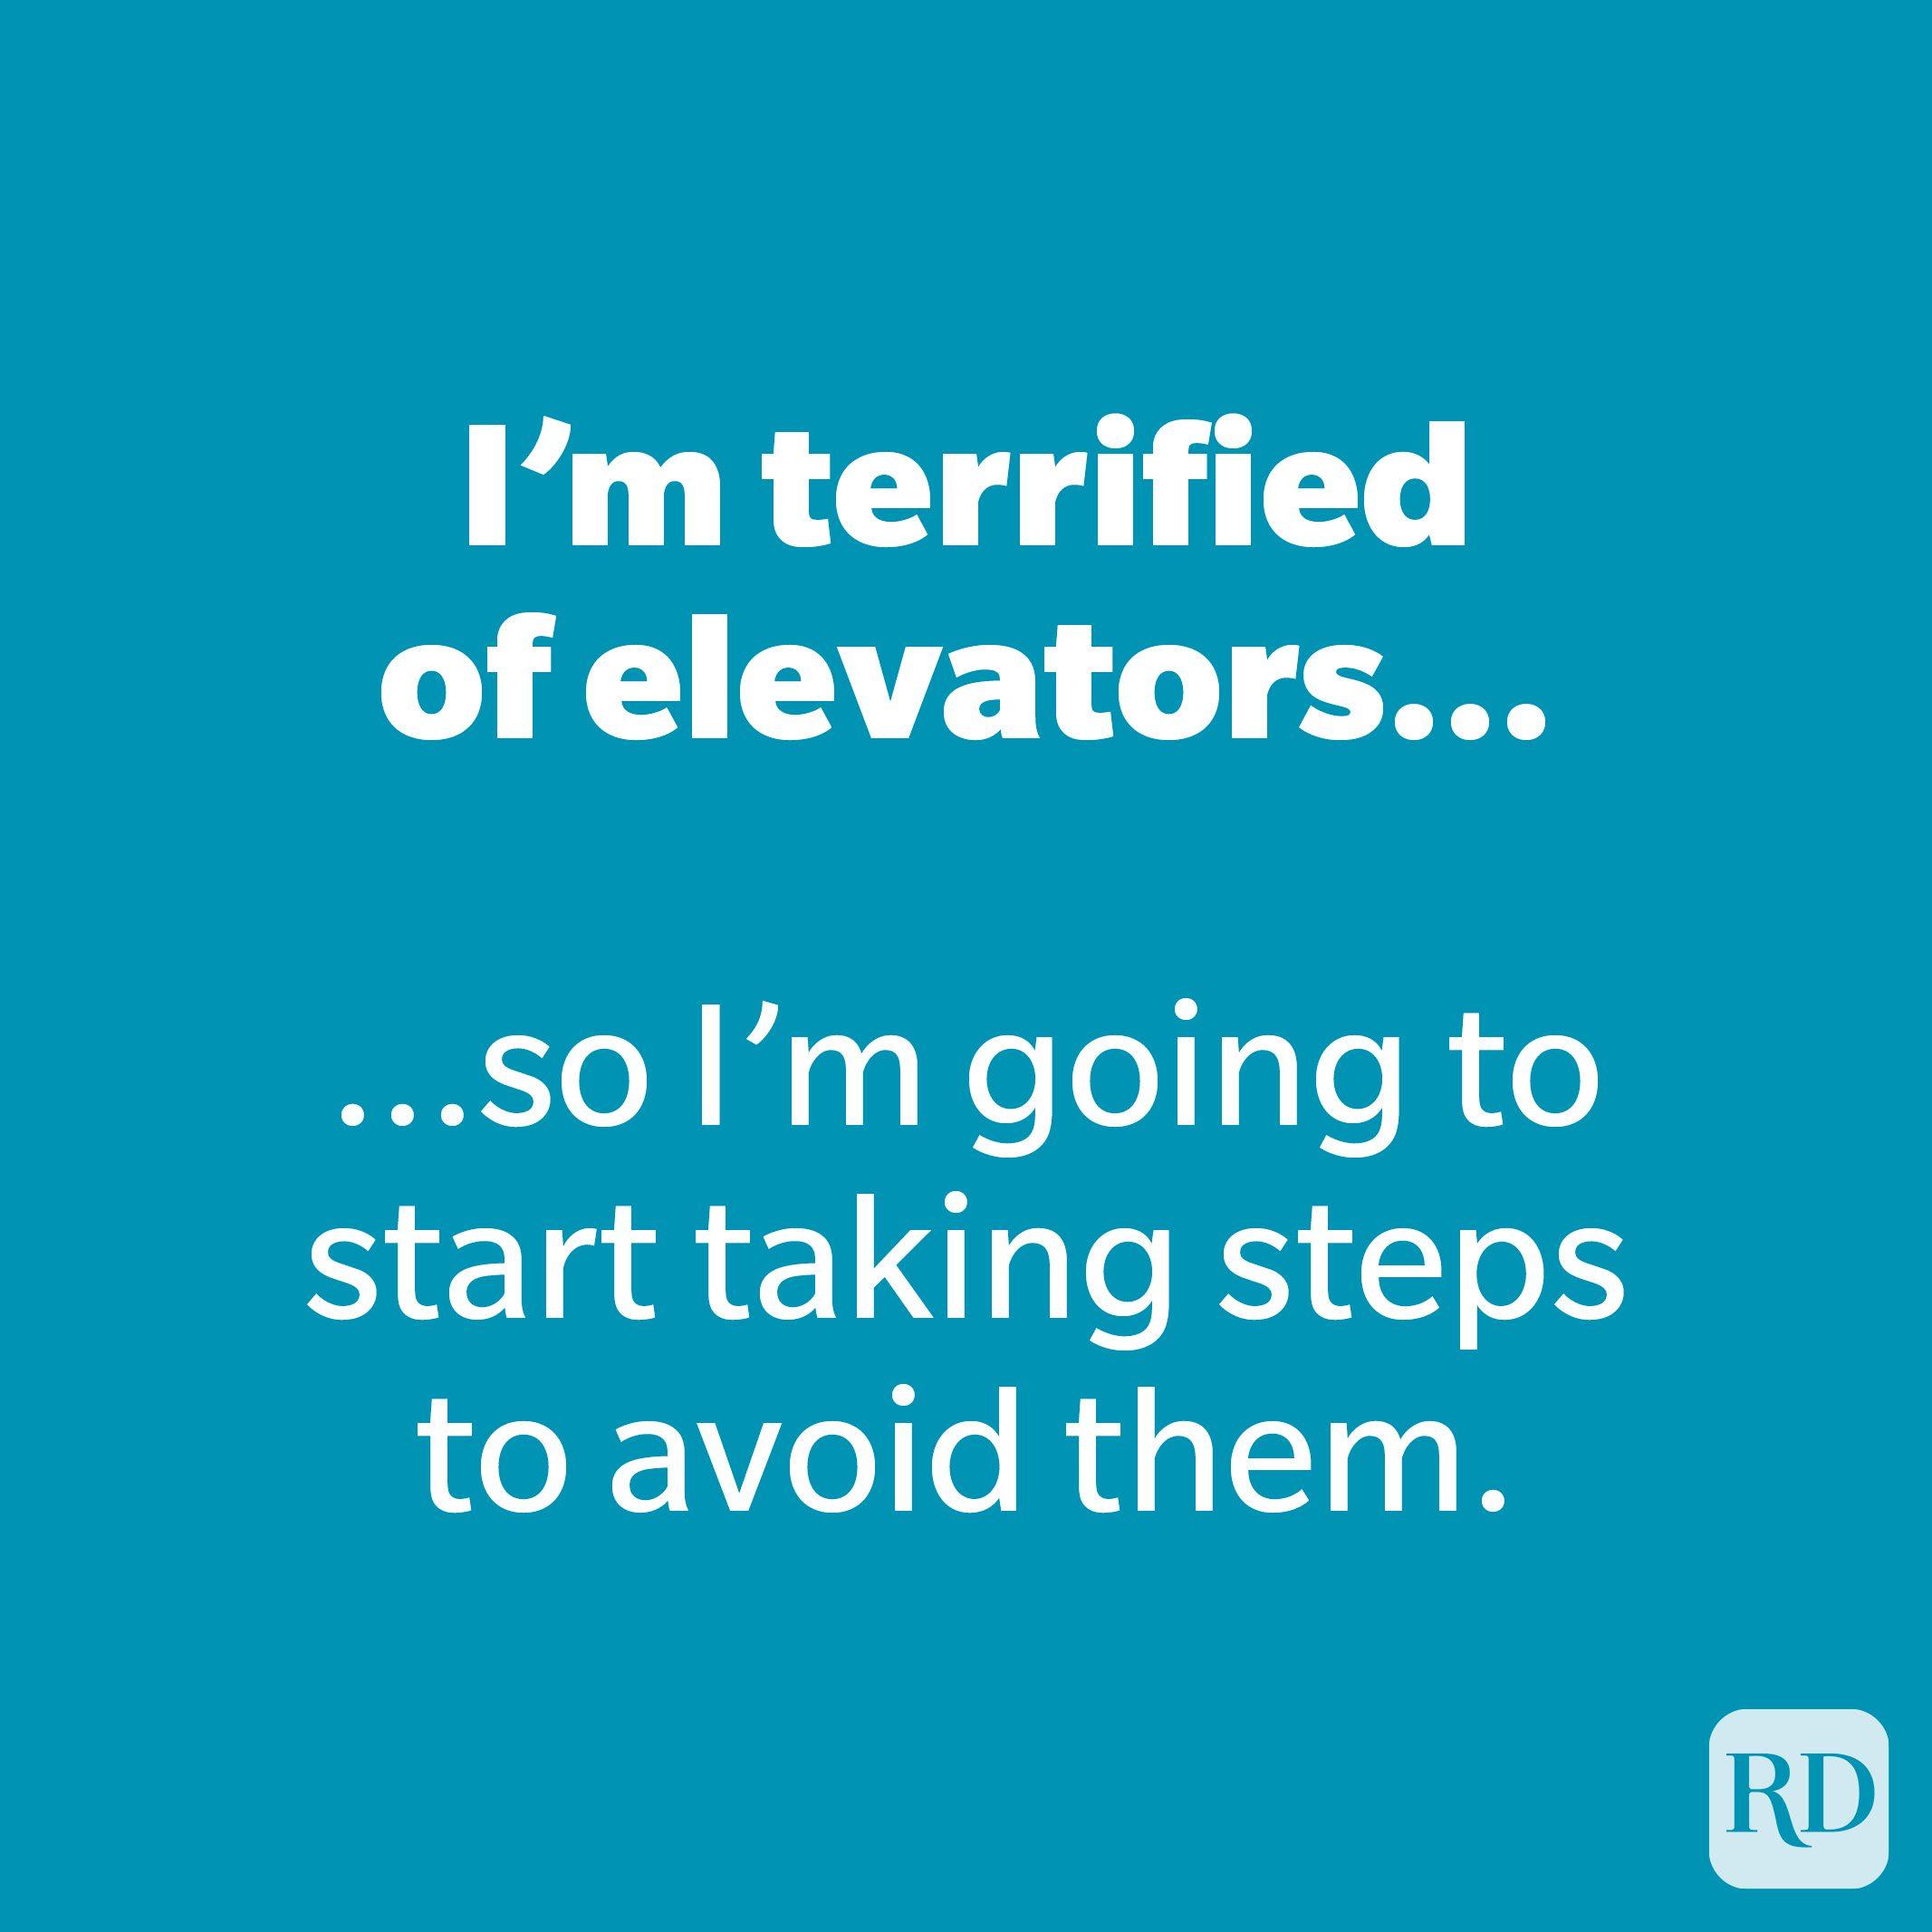 I'm terrified of elevators...